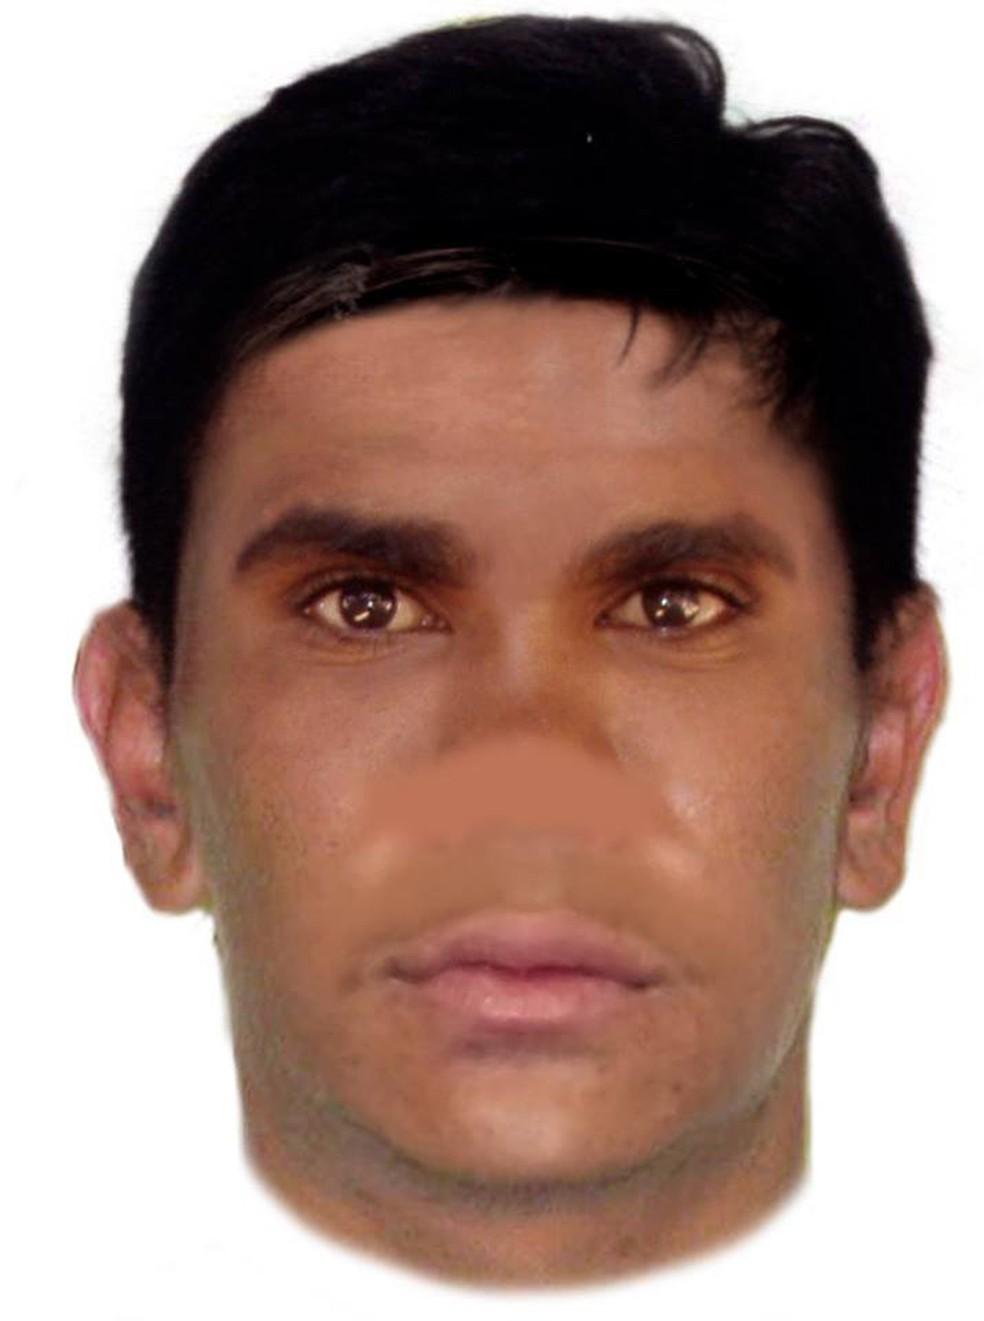 Polícia da Austrália divulga retrato falado de suspeito 'sem nariz' (Foto: Western Australia Police Force/Facebook)